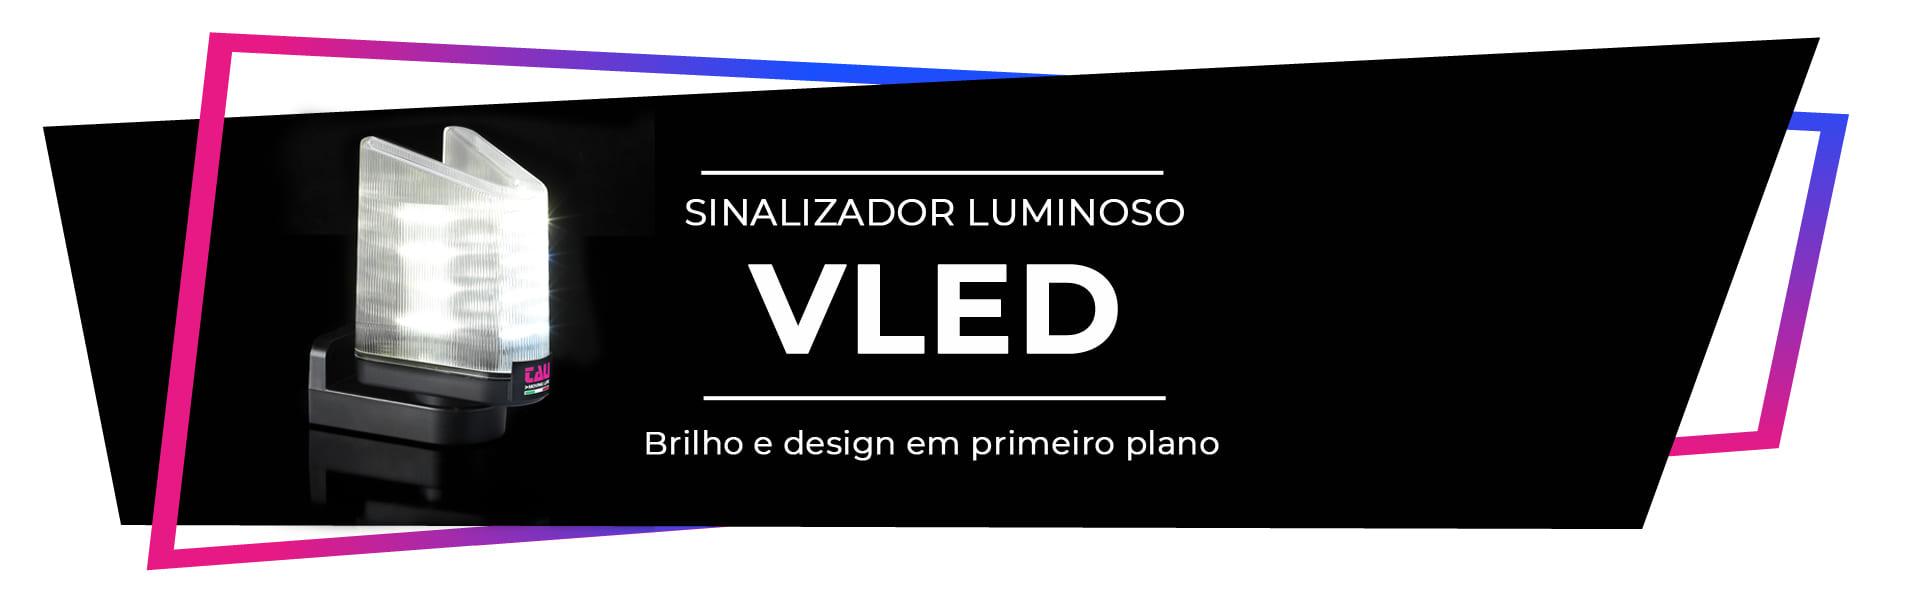 vled_carosello_PT